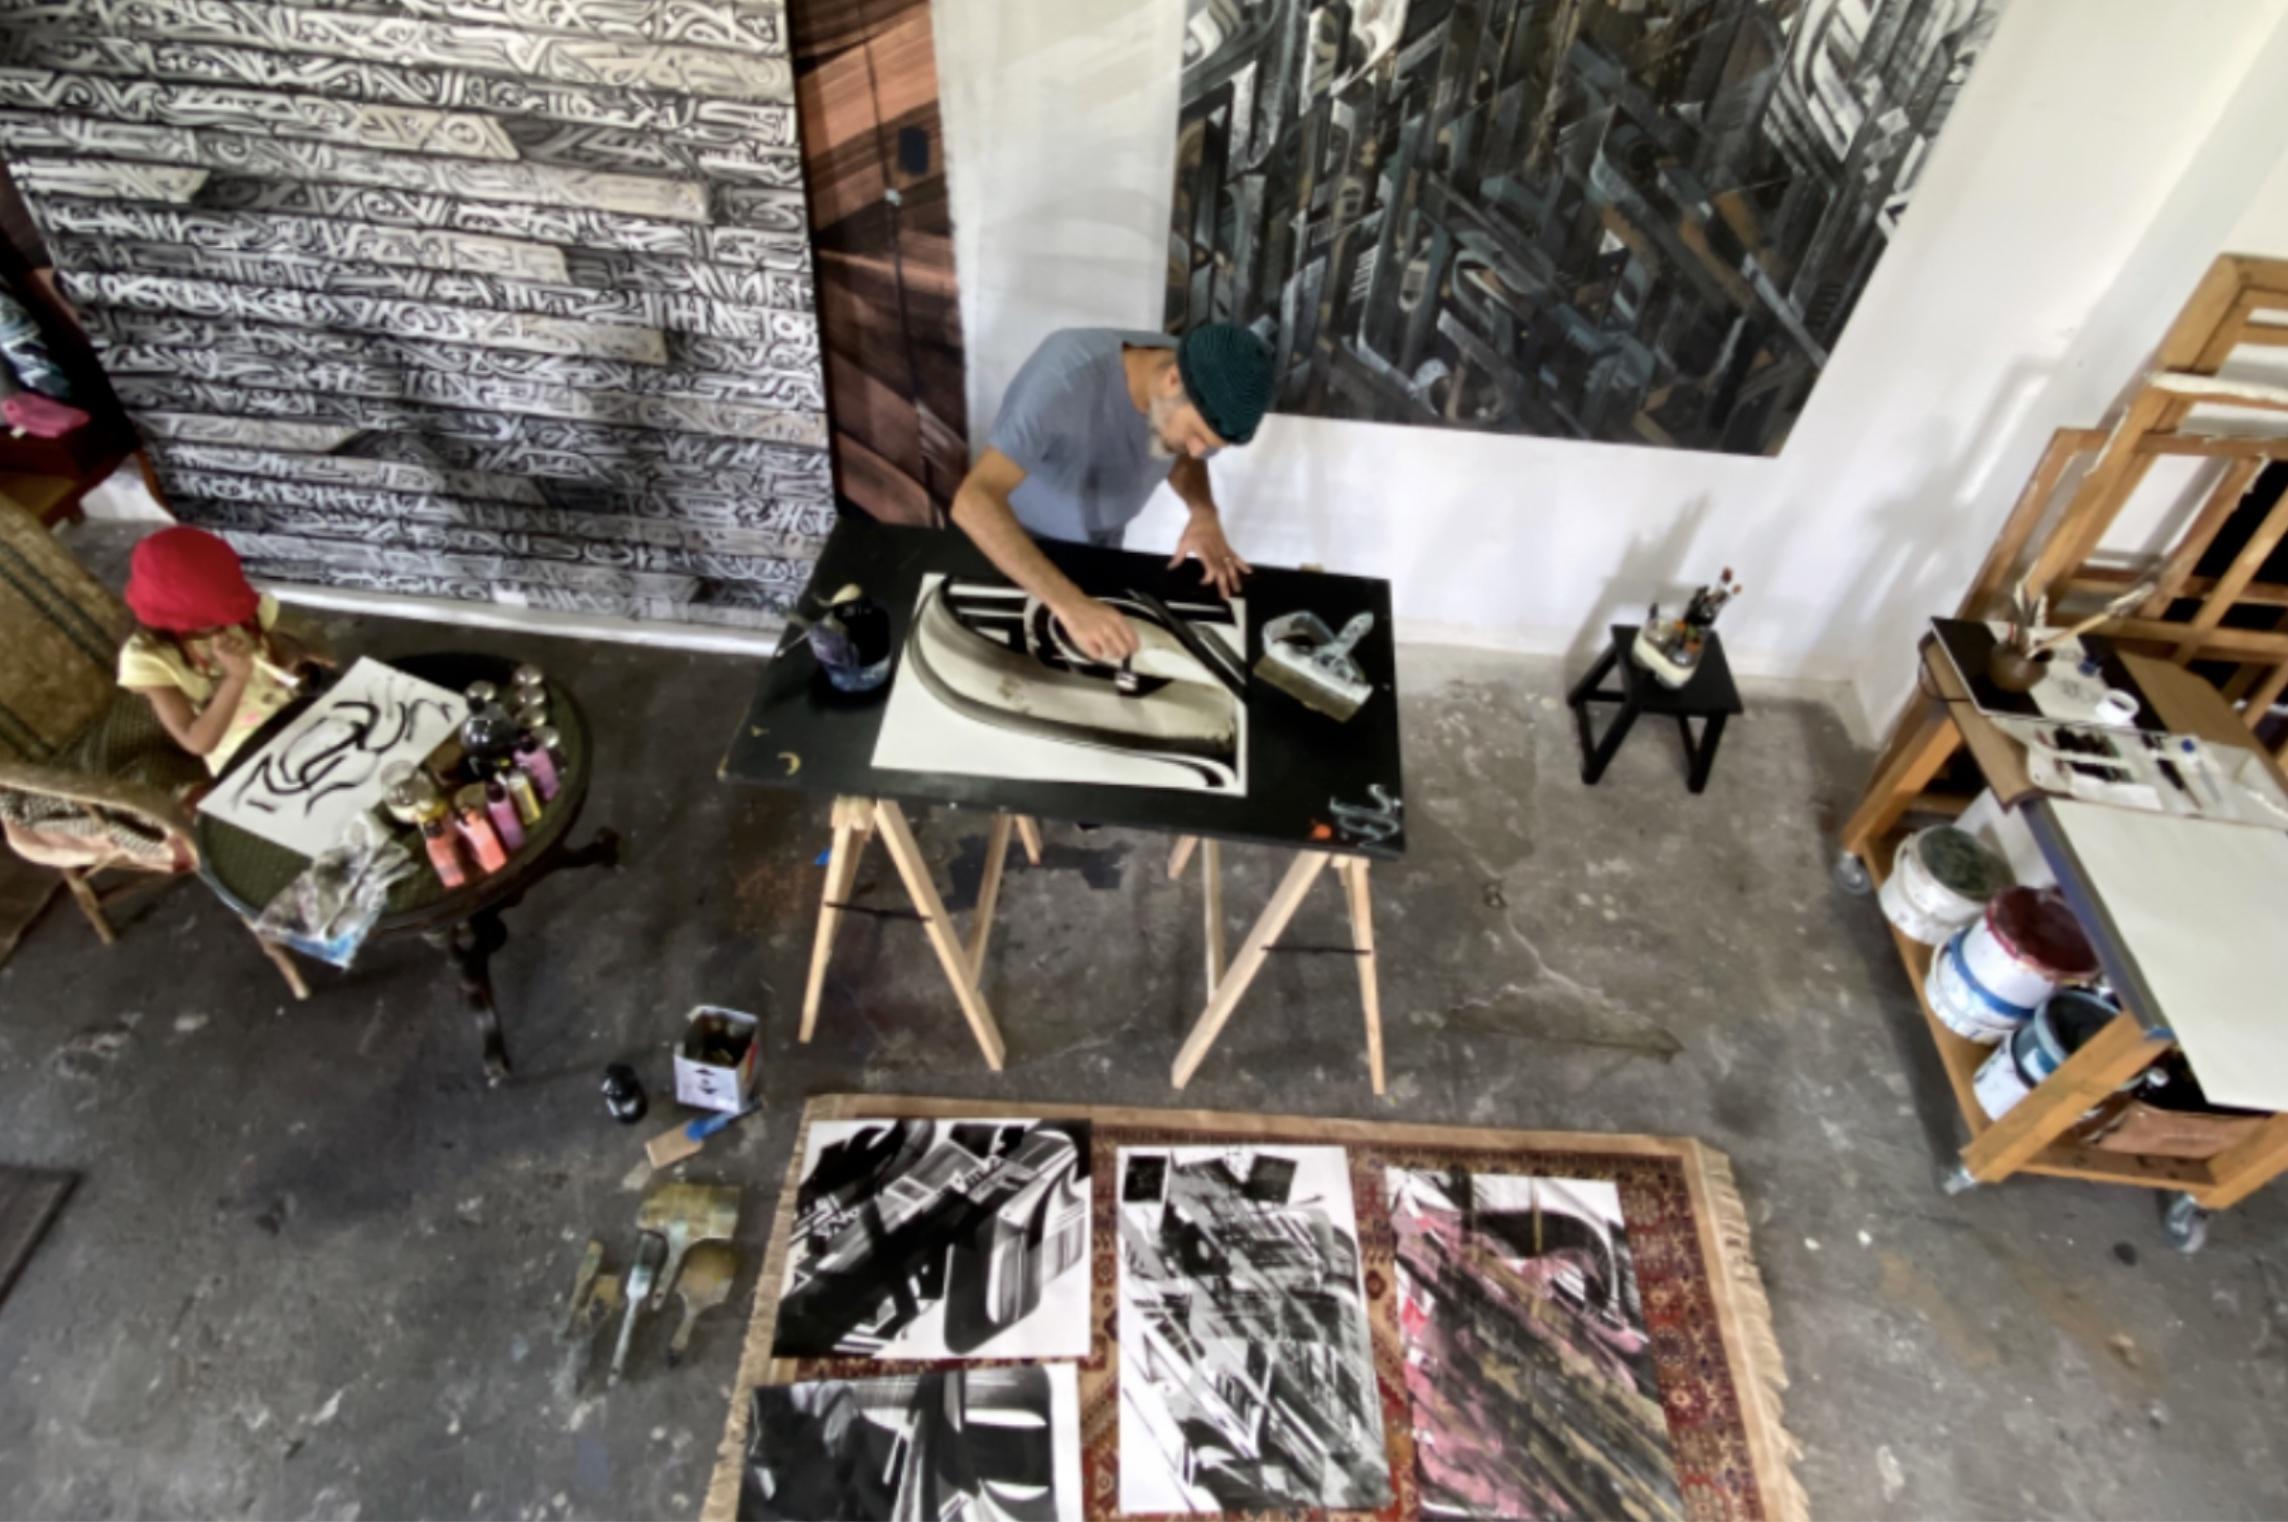 hatchikian-gallery-vincent-abadie-hafez-aka-zepha-de-lart-pour-se-parler-au-dela-des-frontieres-blog